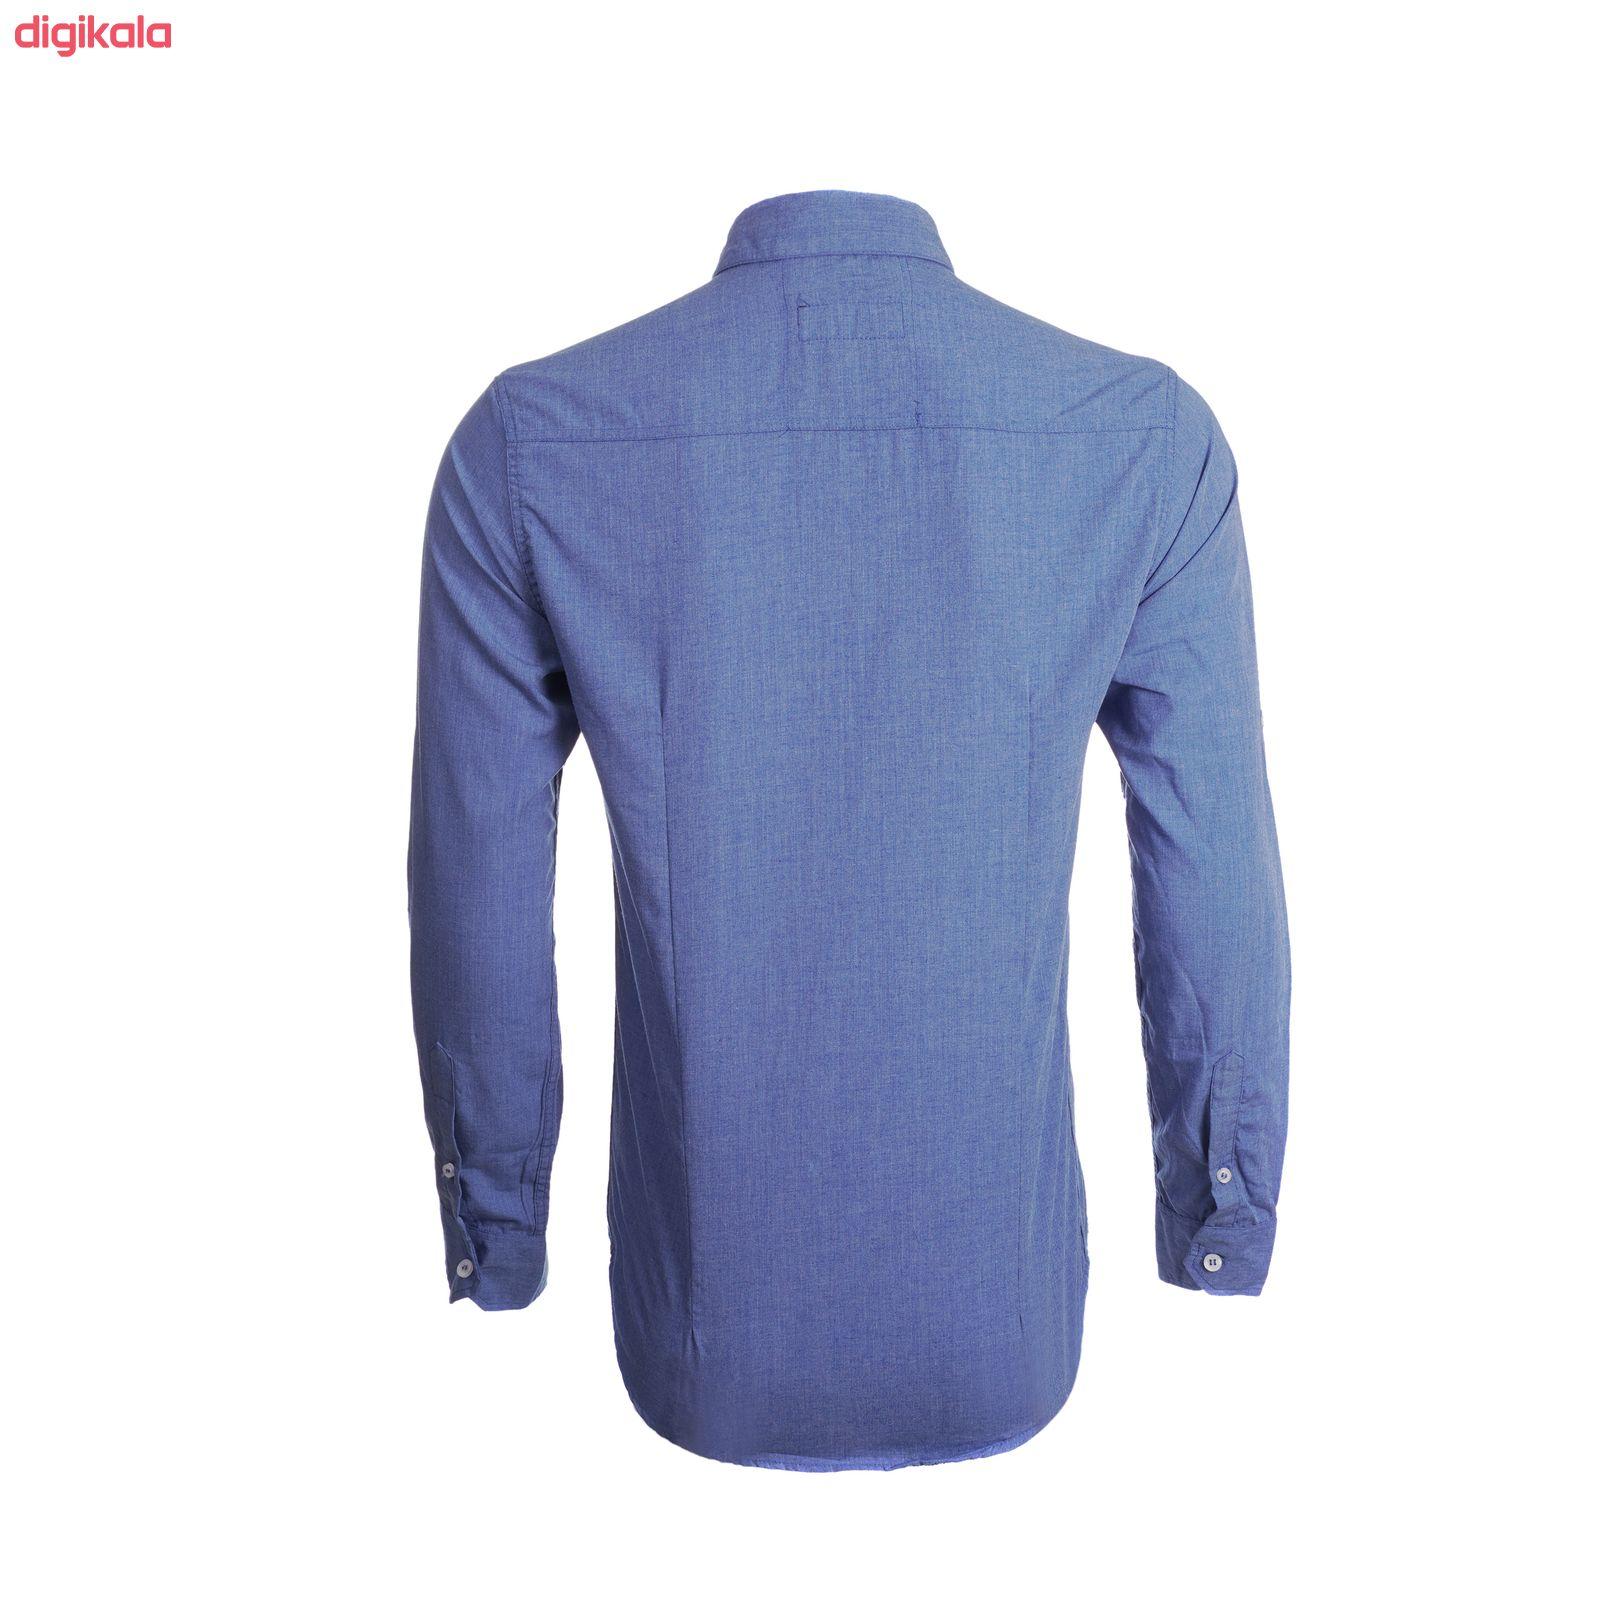 پیراهن آستین بلند مردانه ناوالس مدل MLANZH-BL main 1 3